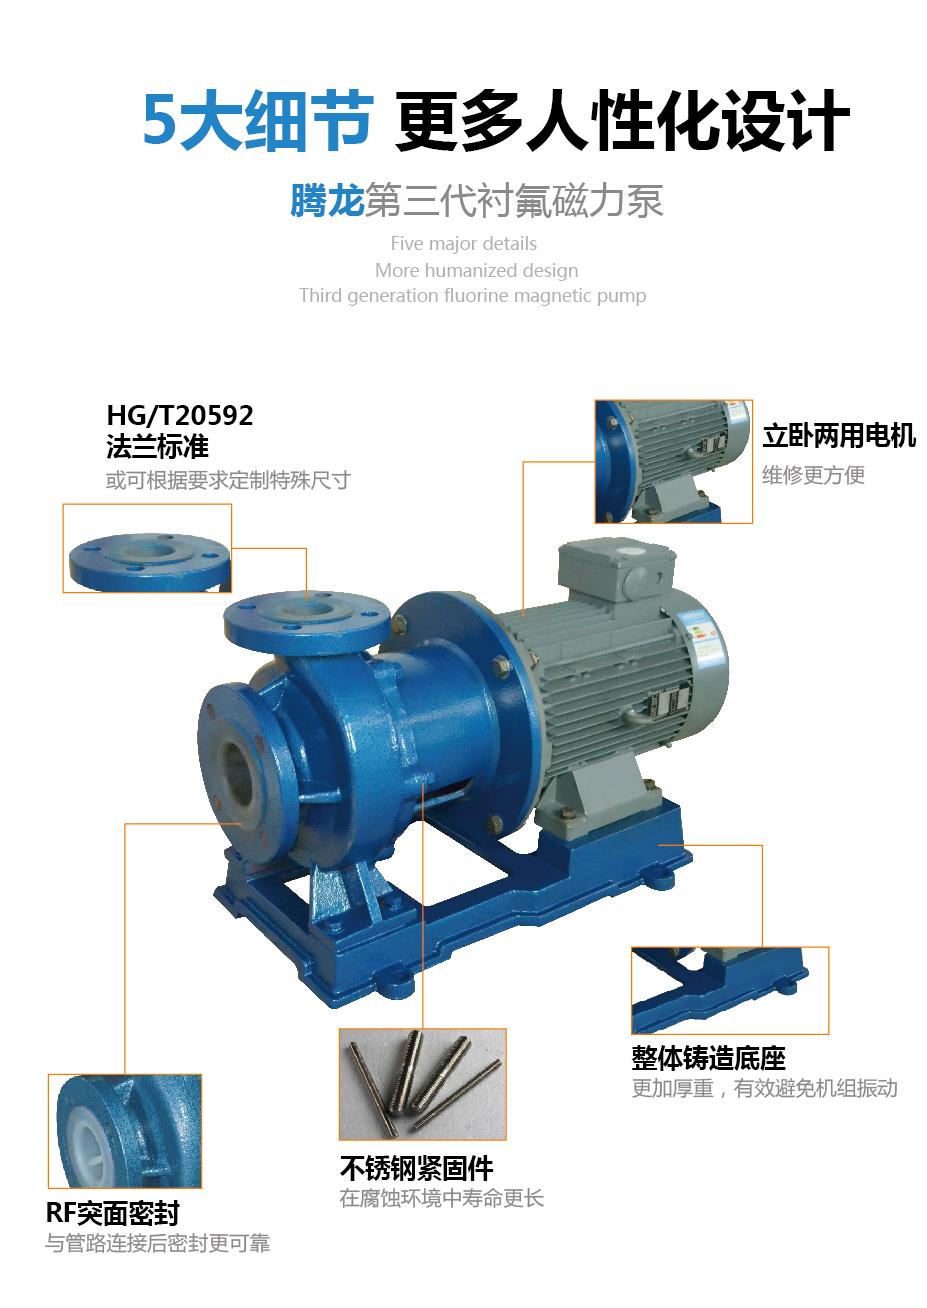 氟塑料磁力泵人性化设计